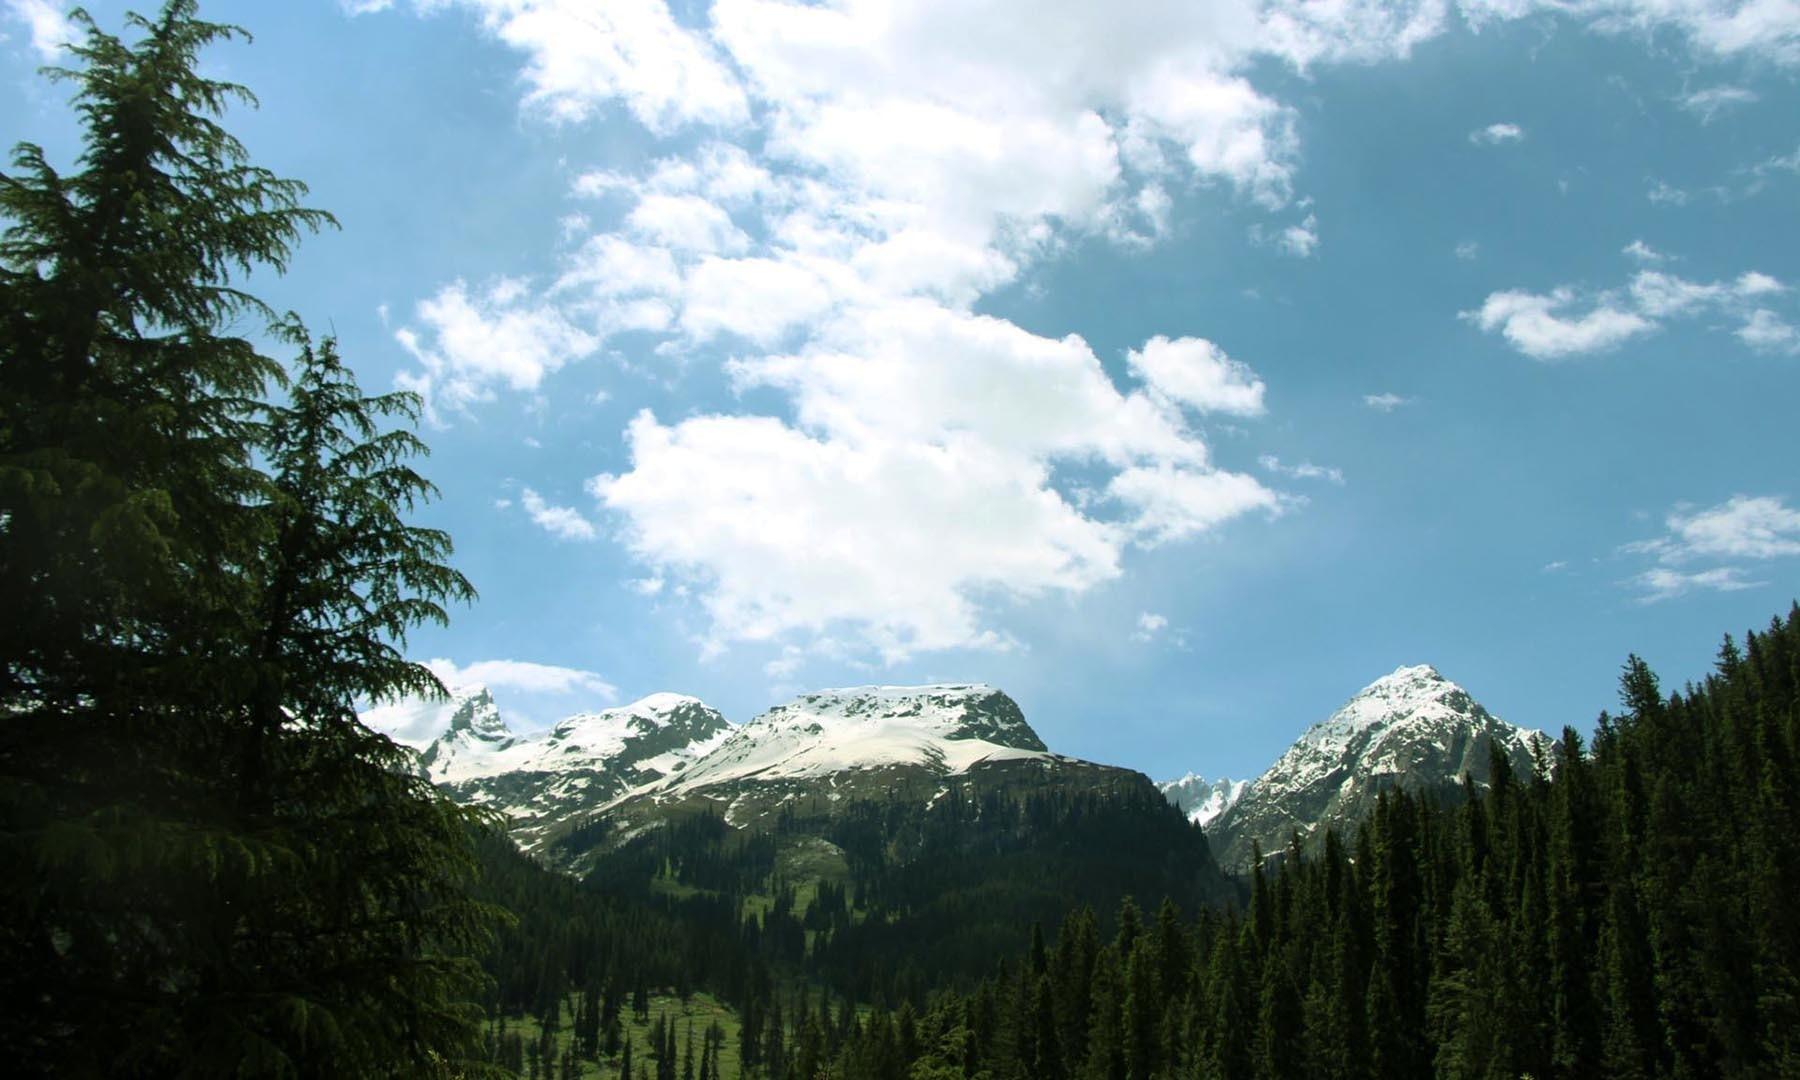 اتروڑ میں موسمِ گرما میں ہر روز دوپہر کے بعد بادلوں کے ایسے ٹکڑے آنکھ مچولی کھیلتے دیکھے جاسکتے ہیں—امجد علی سحابؔ